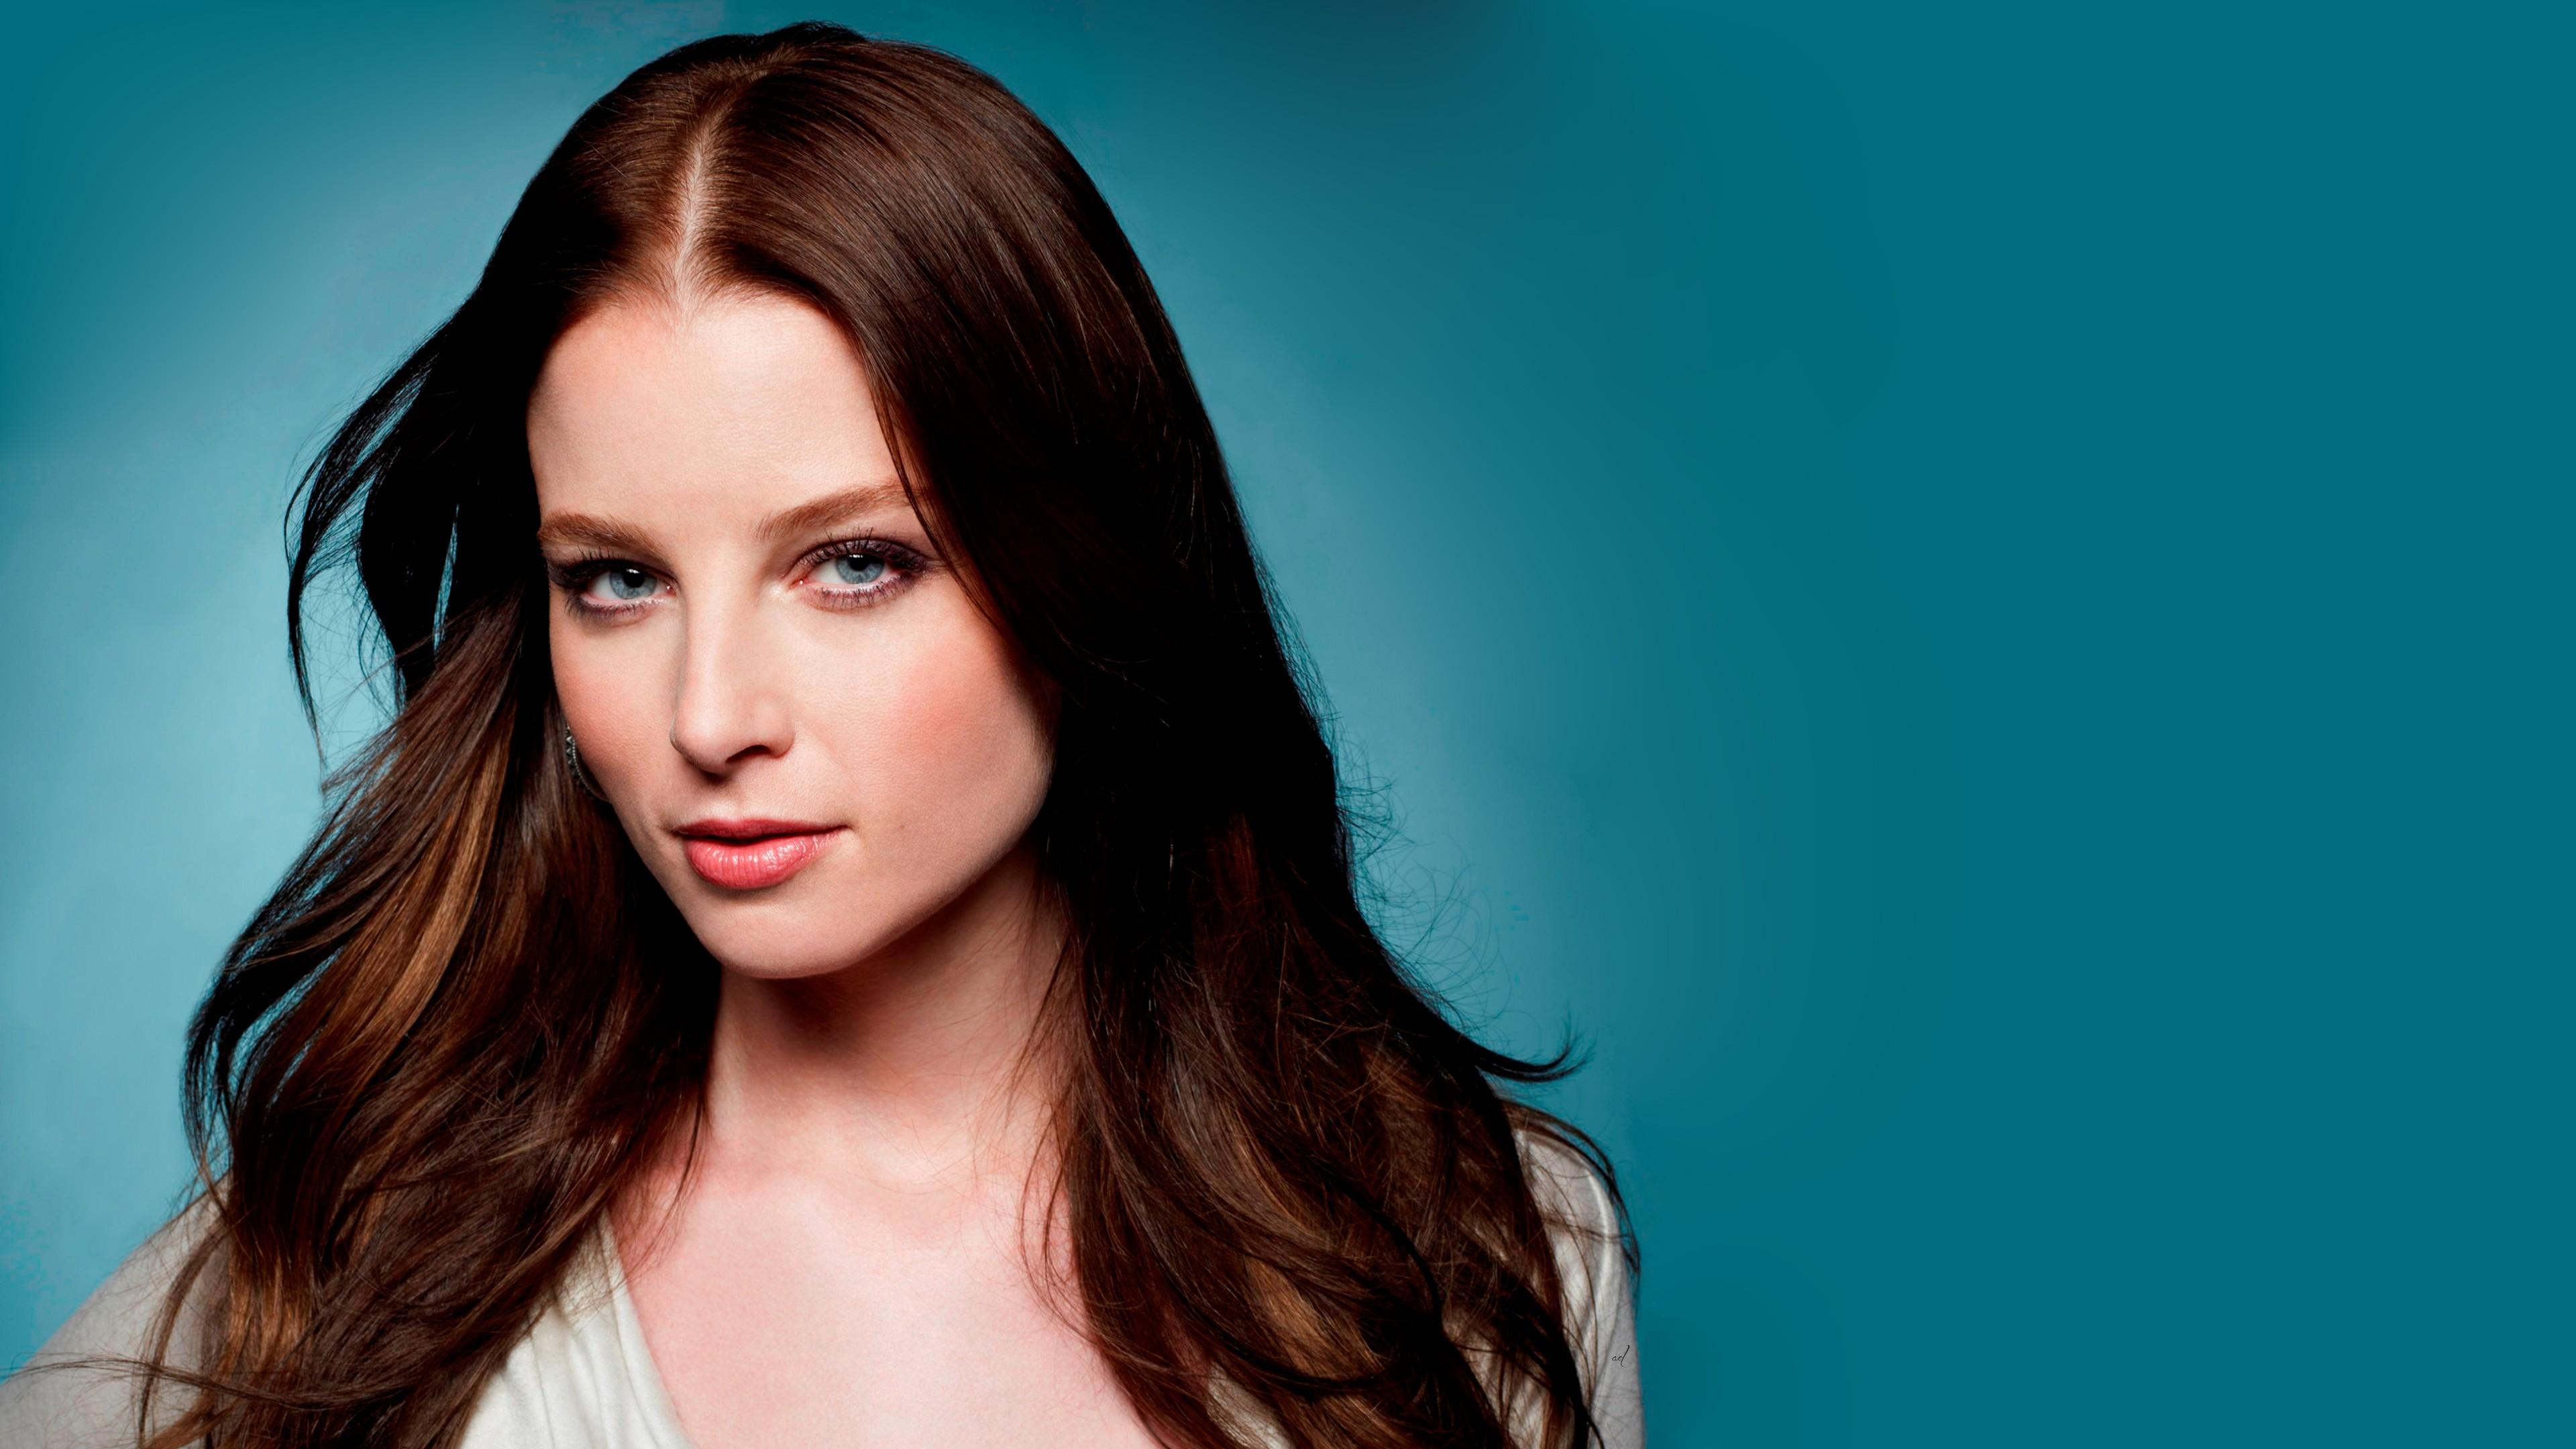 Wallpaper Face Women Model Brunette Singer Blue: Wallpaper : Face, Model, Long Hair, Blue Eyes, Brunette